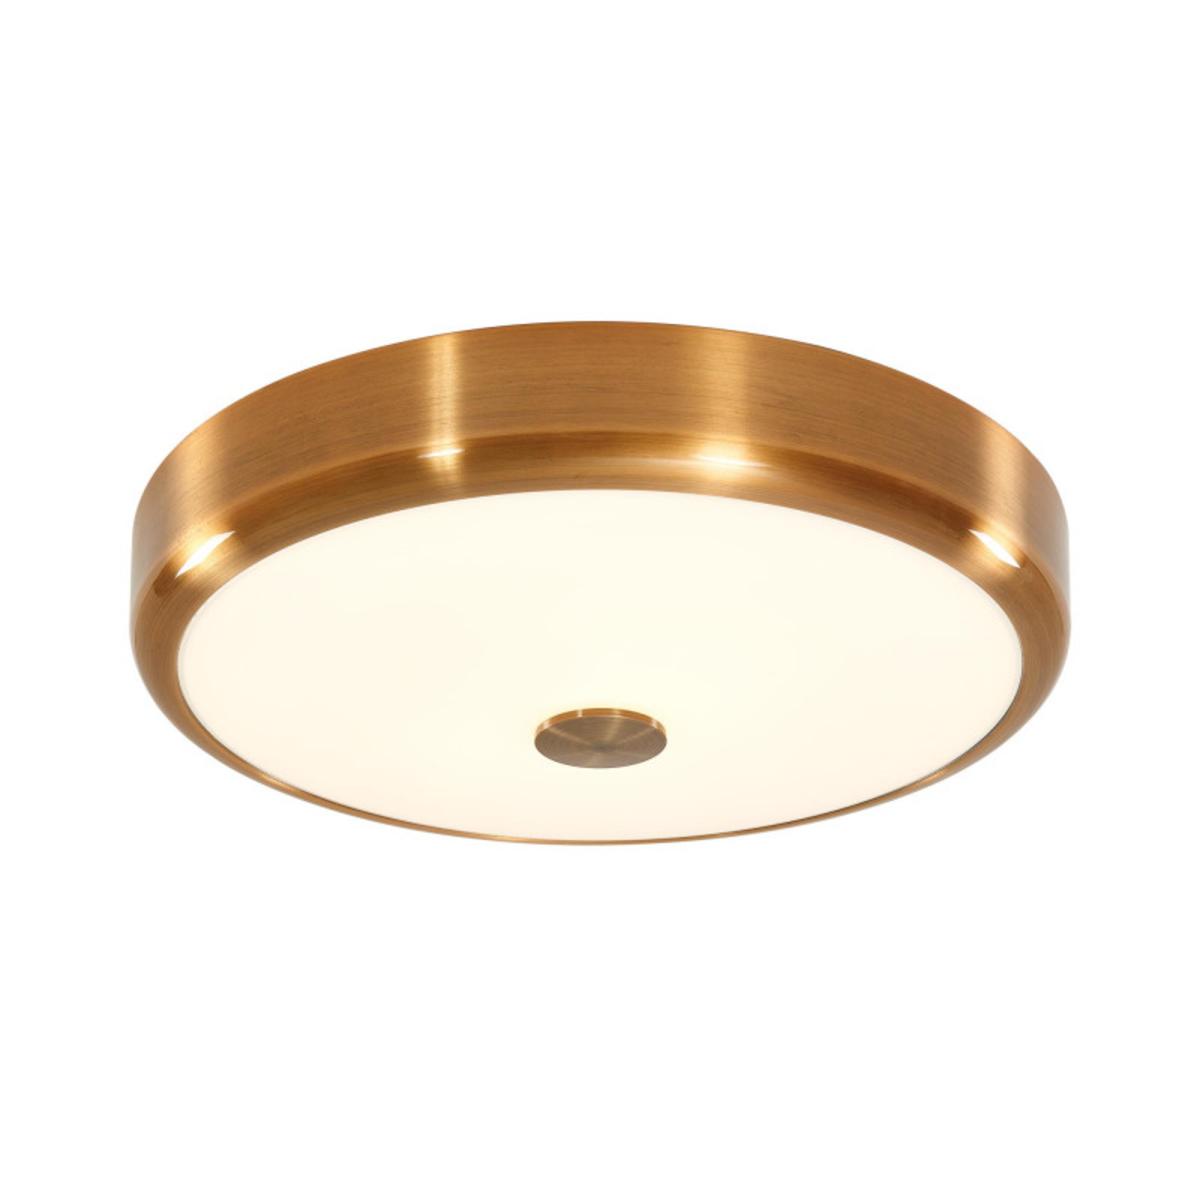 Купить Накладной светильник Фостер-1 CL706132, HomeMe